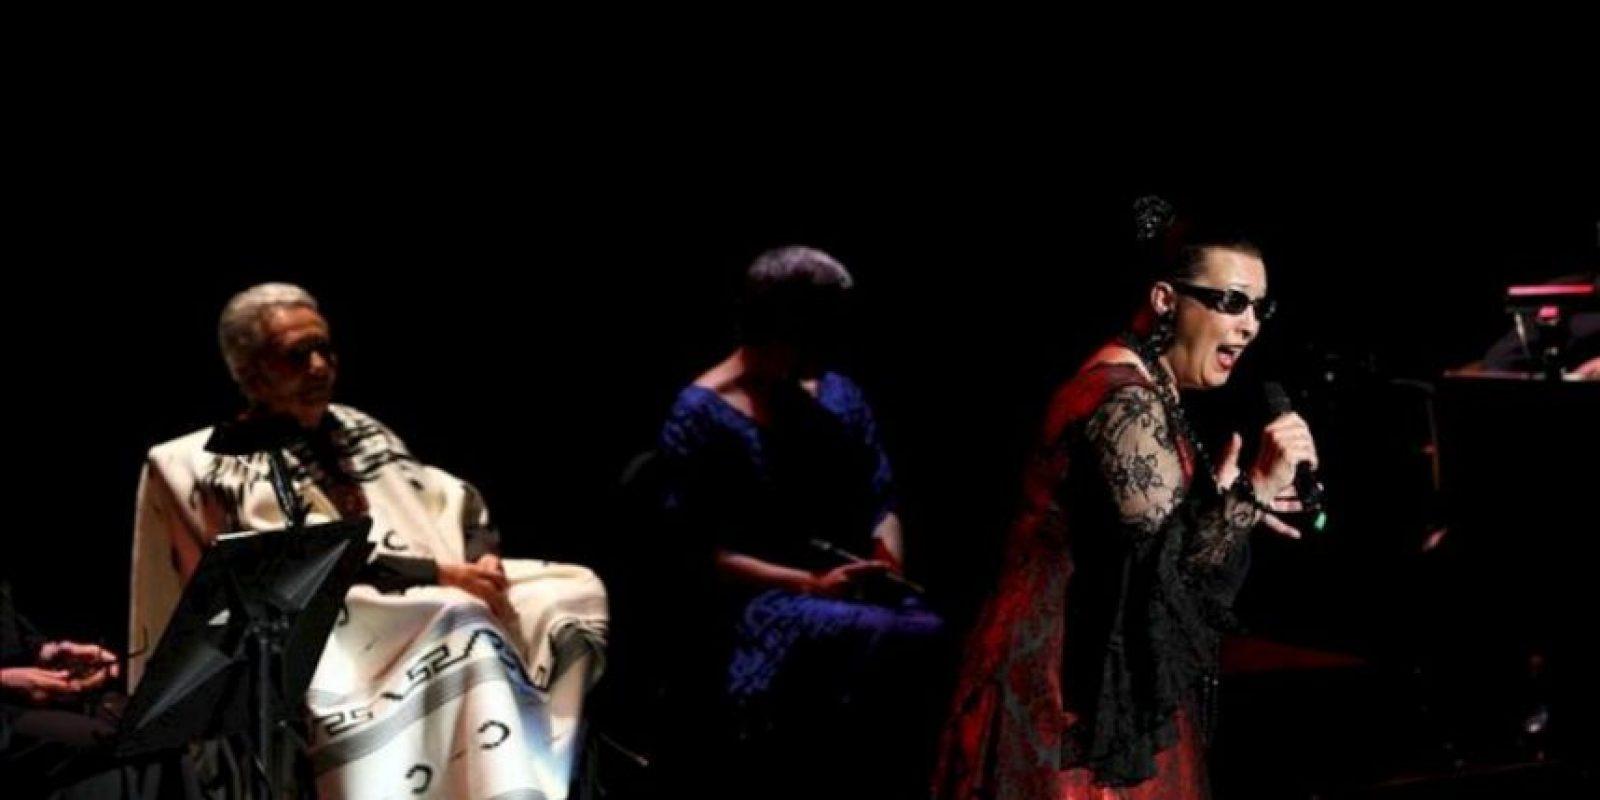 La cantante Chavela Vargas (i), junto a la española Martirio (d), actúan en el homenaje al poeta español Federico García Lorca, en el Palacio de Bellas Artes de Ciudad de México. EFE